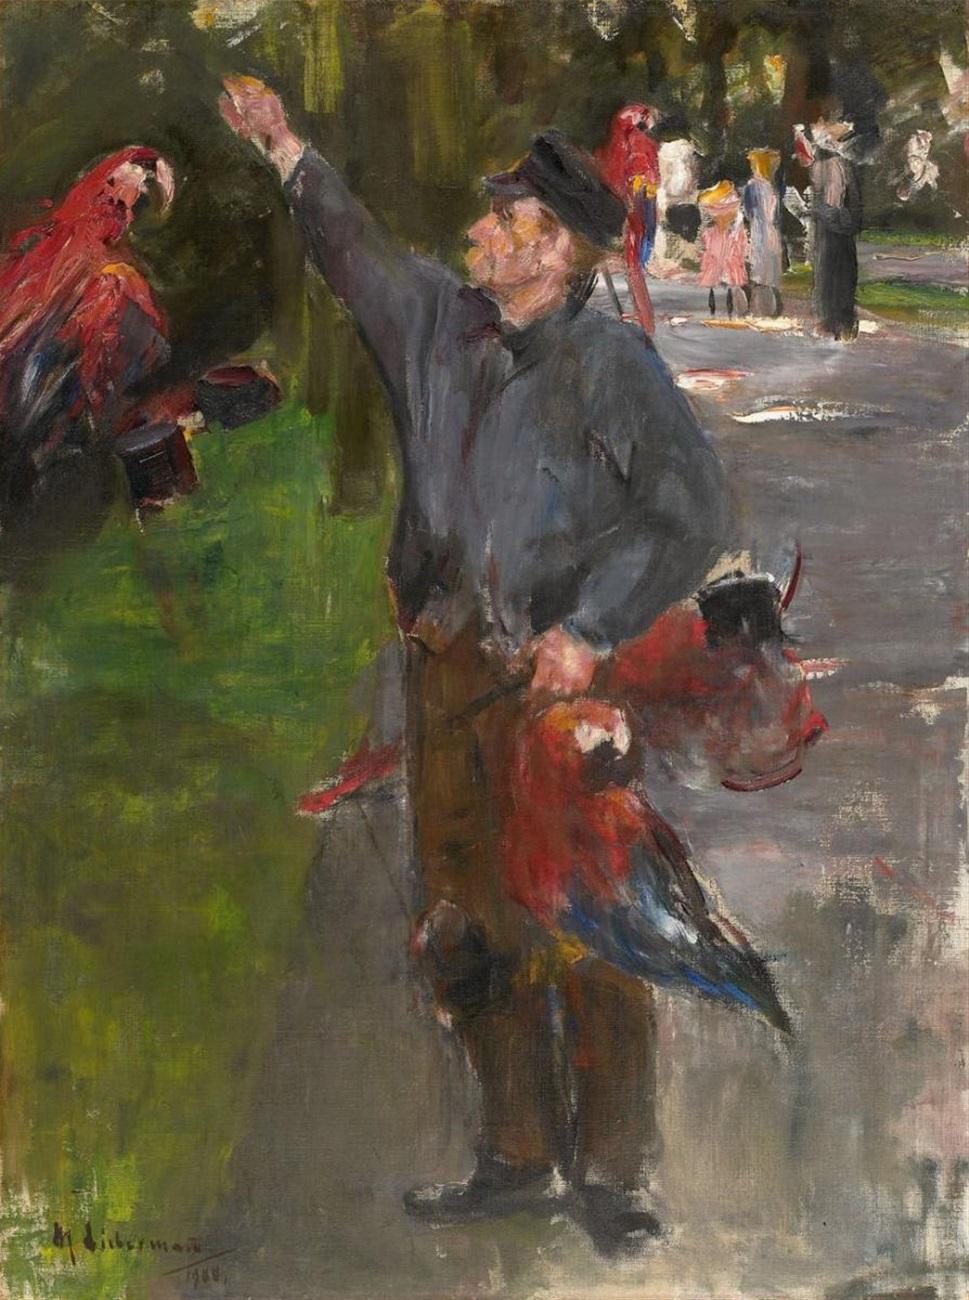 Max Liebermann Papageienmann 1900.jpg